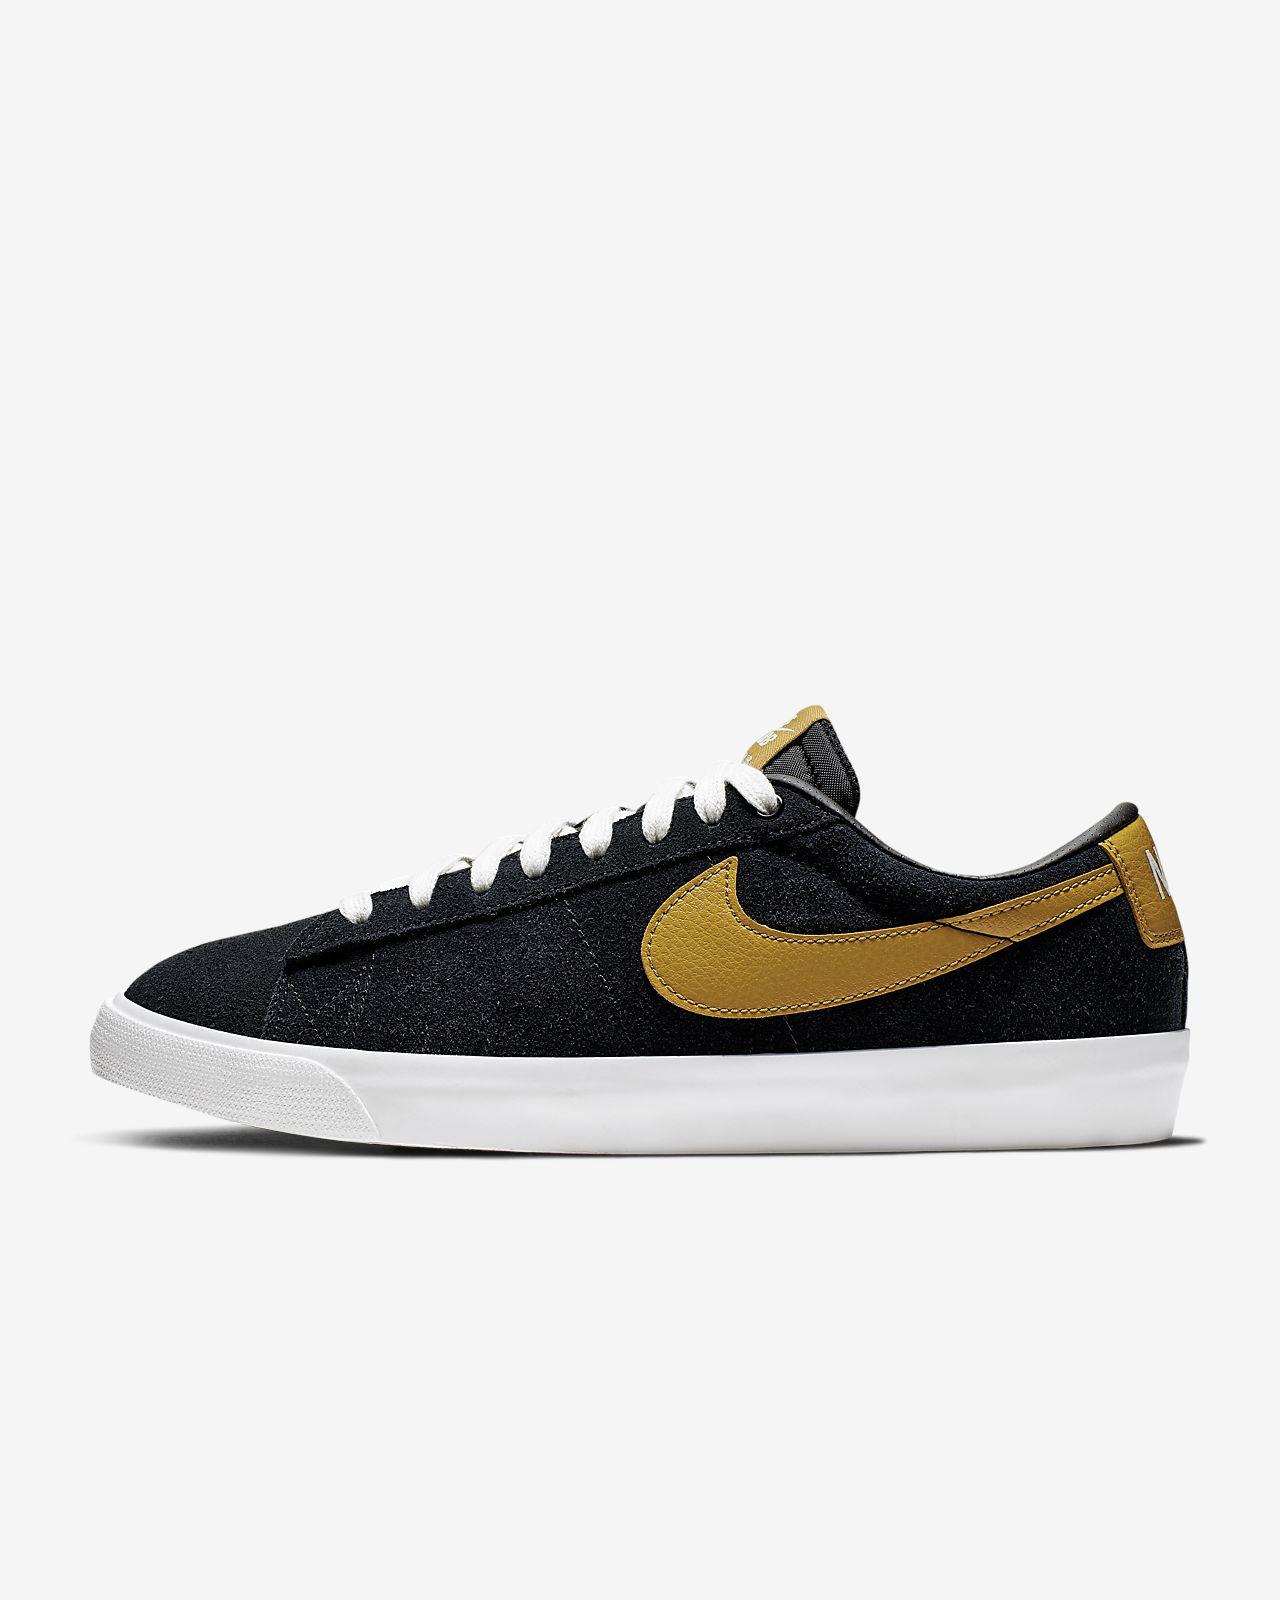 Skateboardsko Nike SB Blazer Low GT